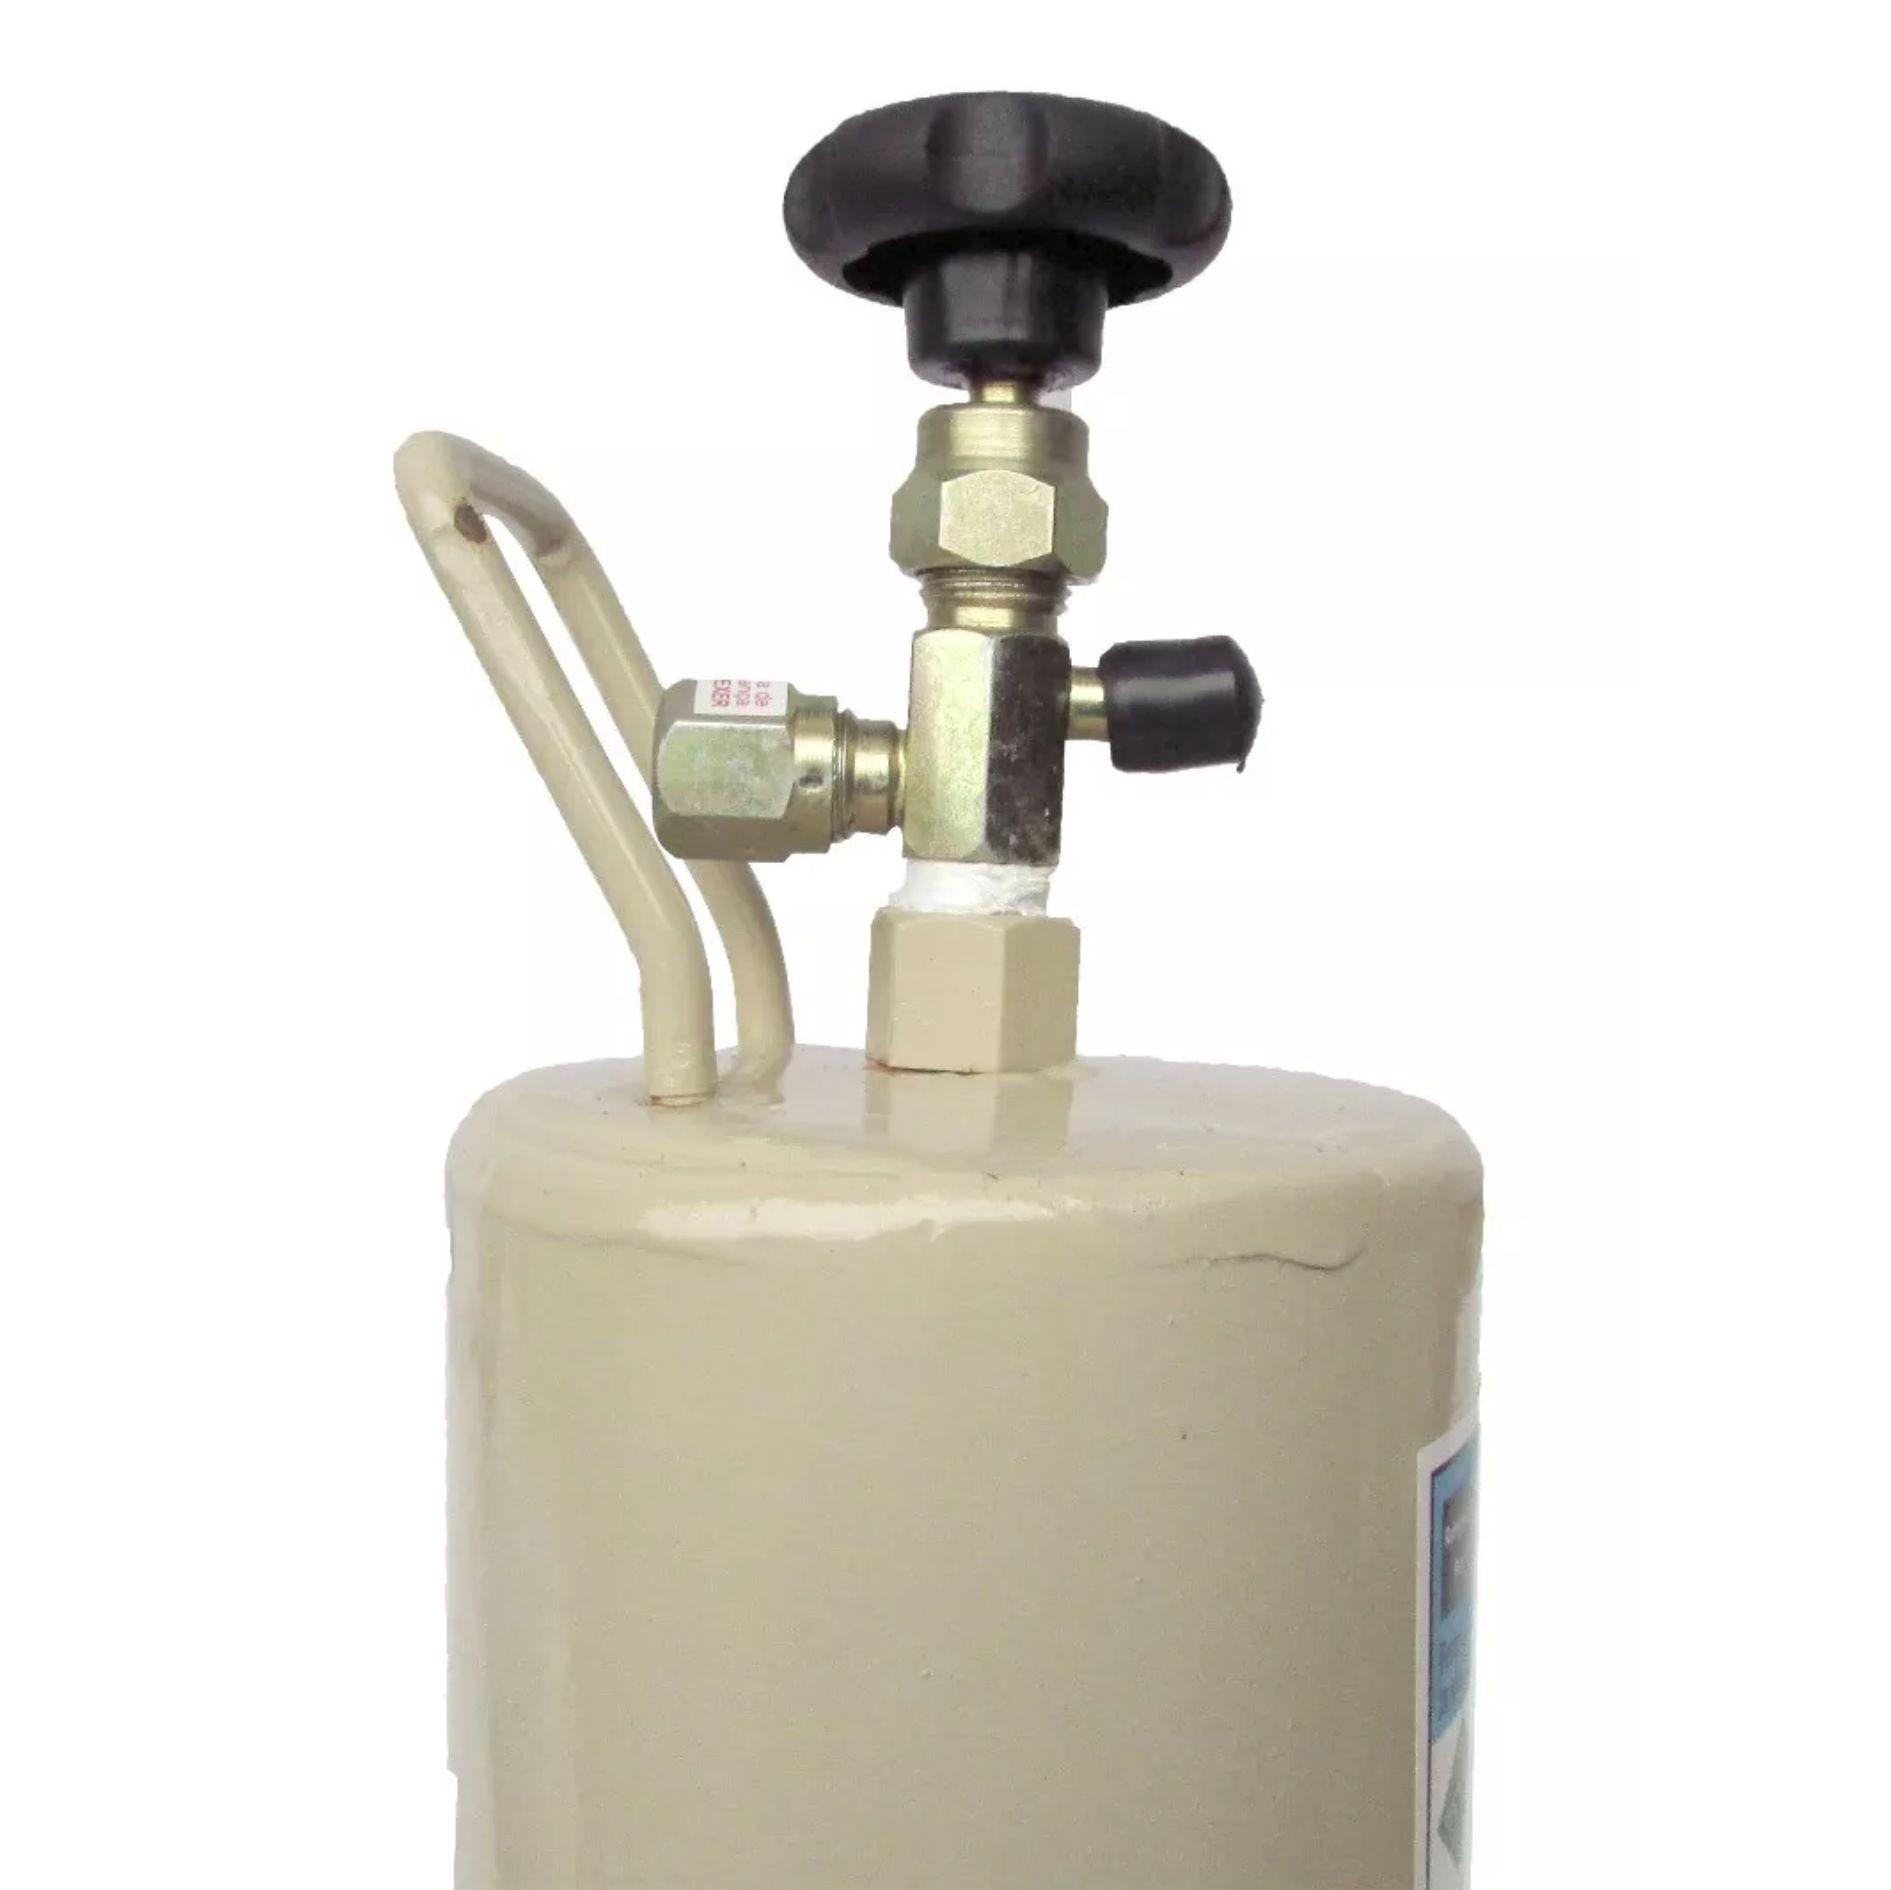 Cilindro para Transporte de Gás Refrigerante R12 / R22